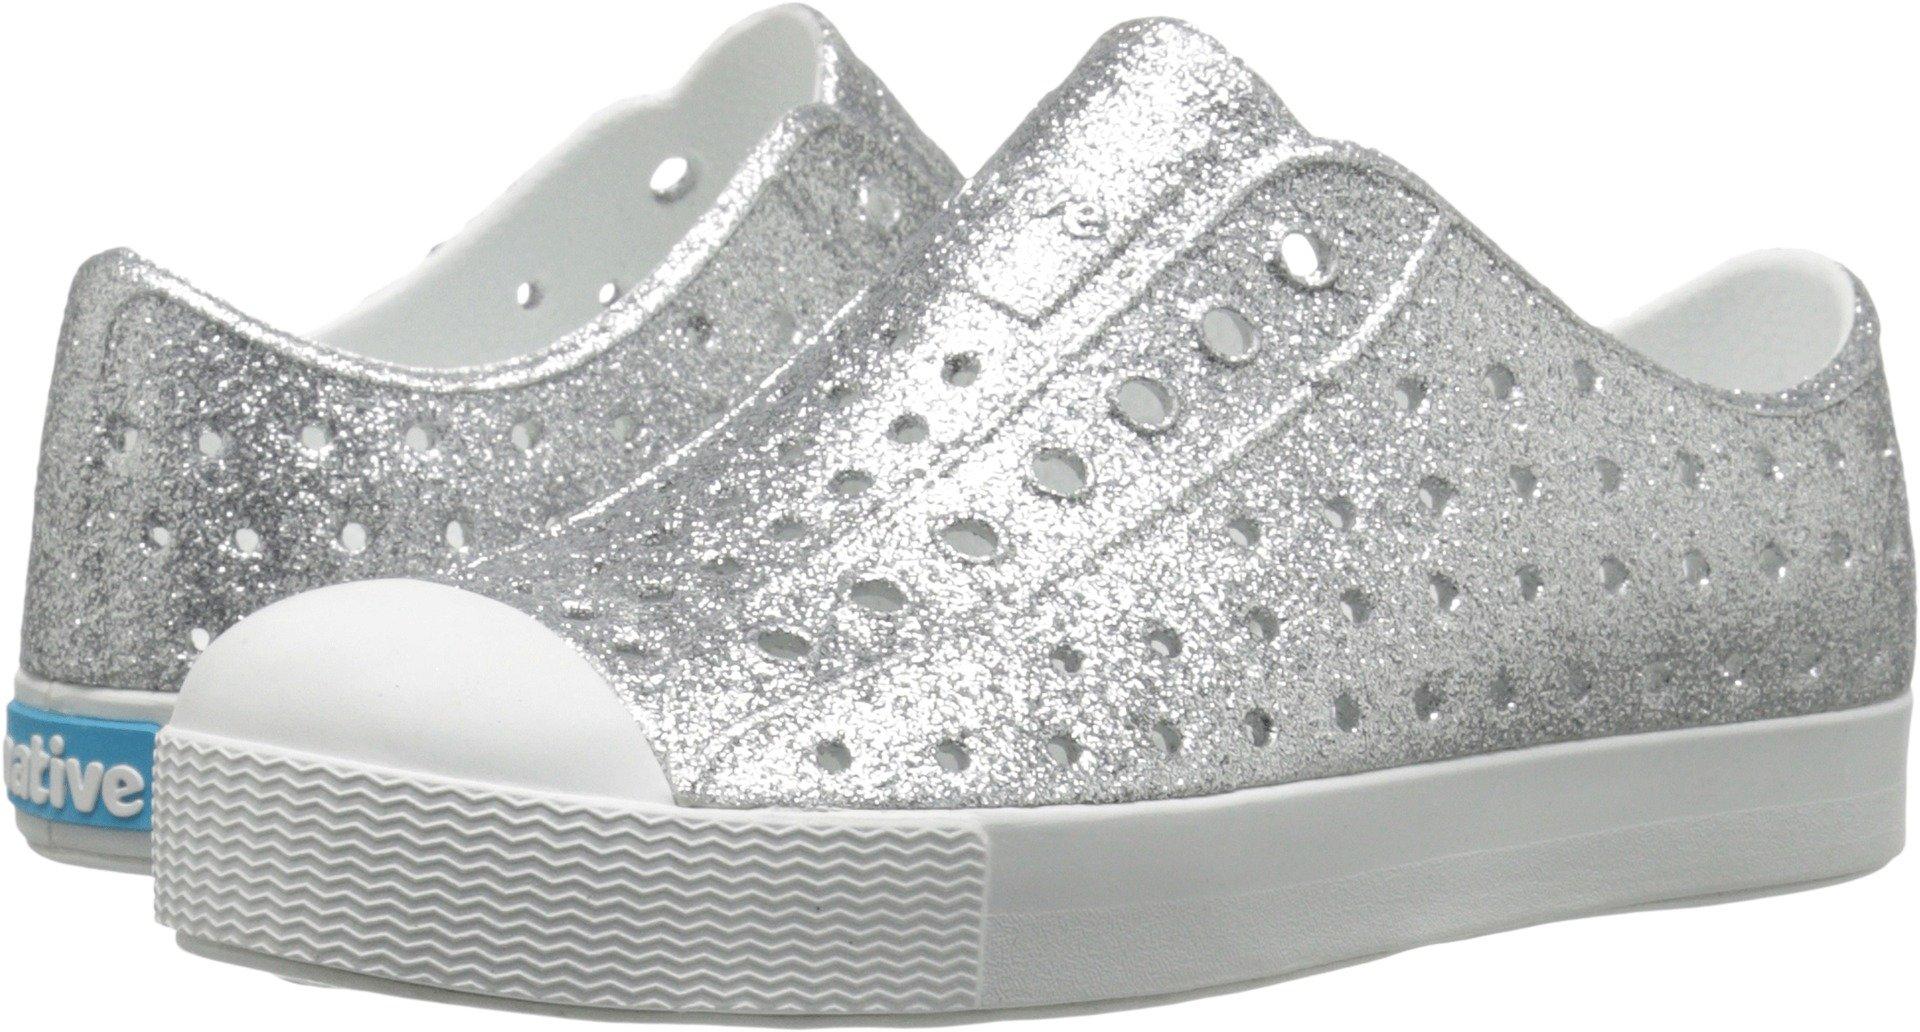 Native Shoes Girls' Jefferson Junior-K Slip-On Silver Bling Glitter/Shell White J3 M US Little Kid